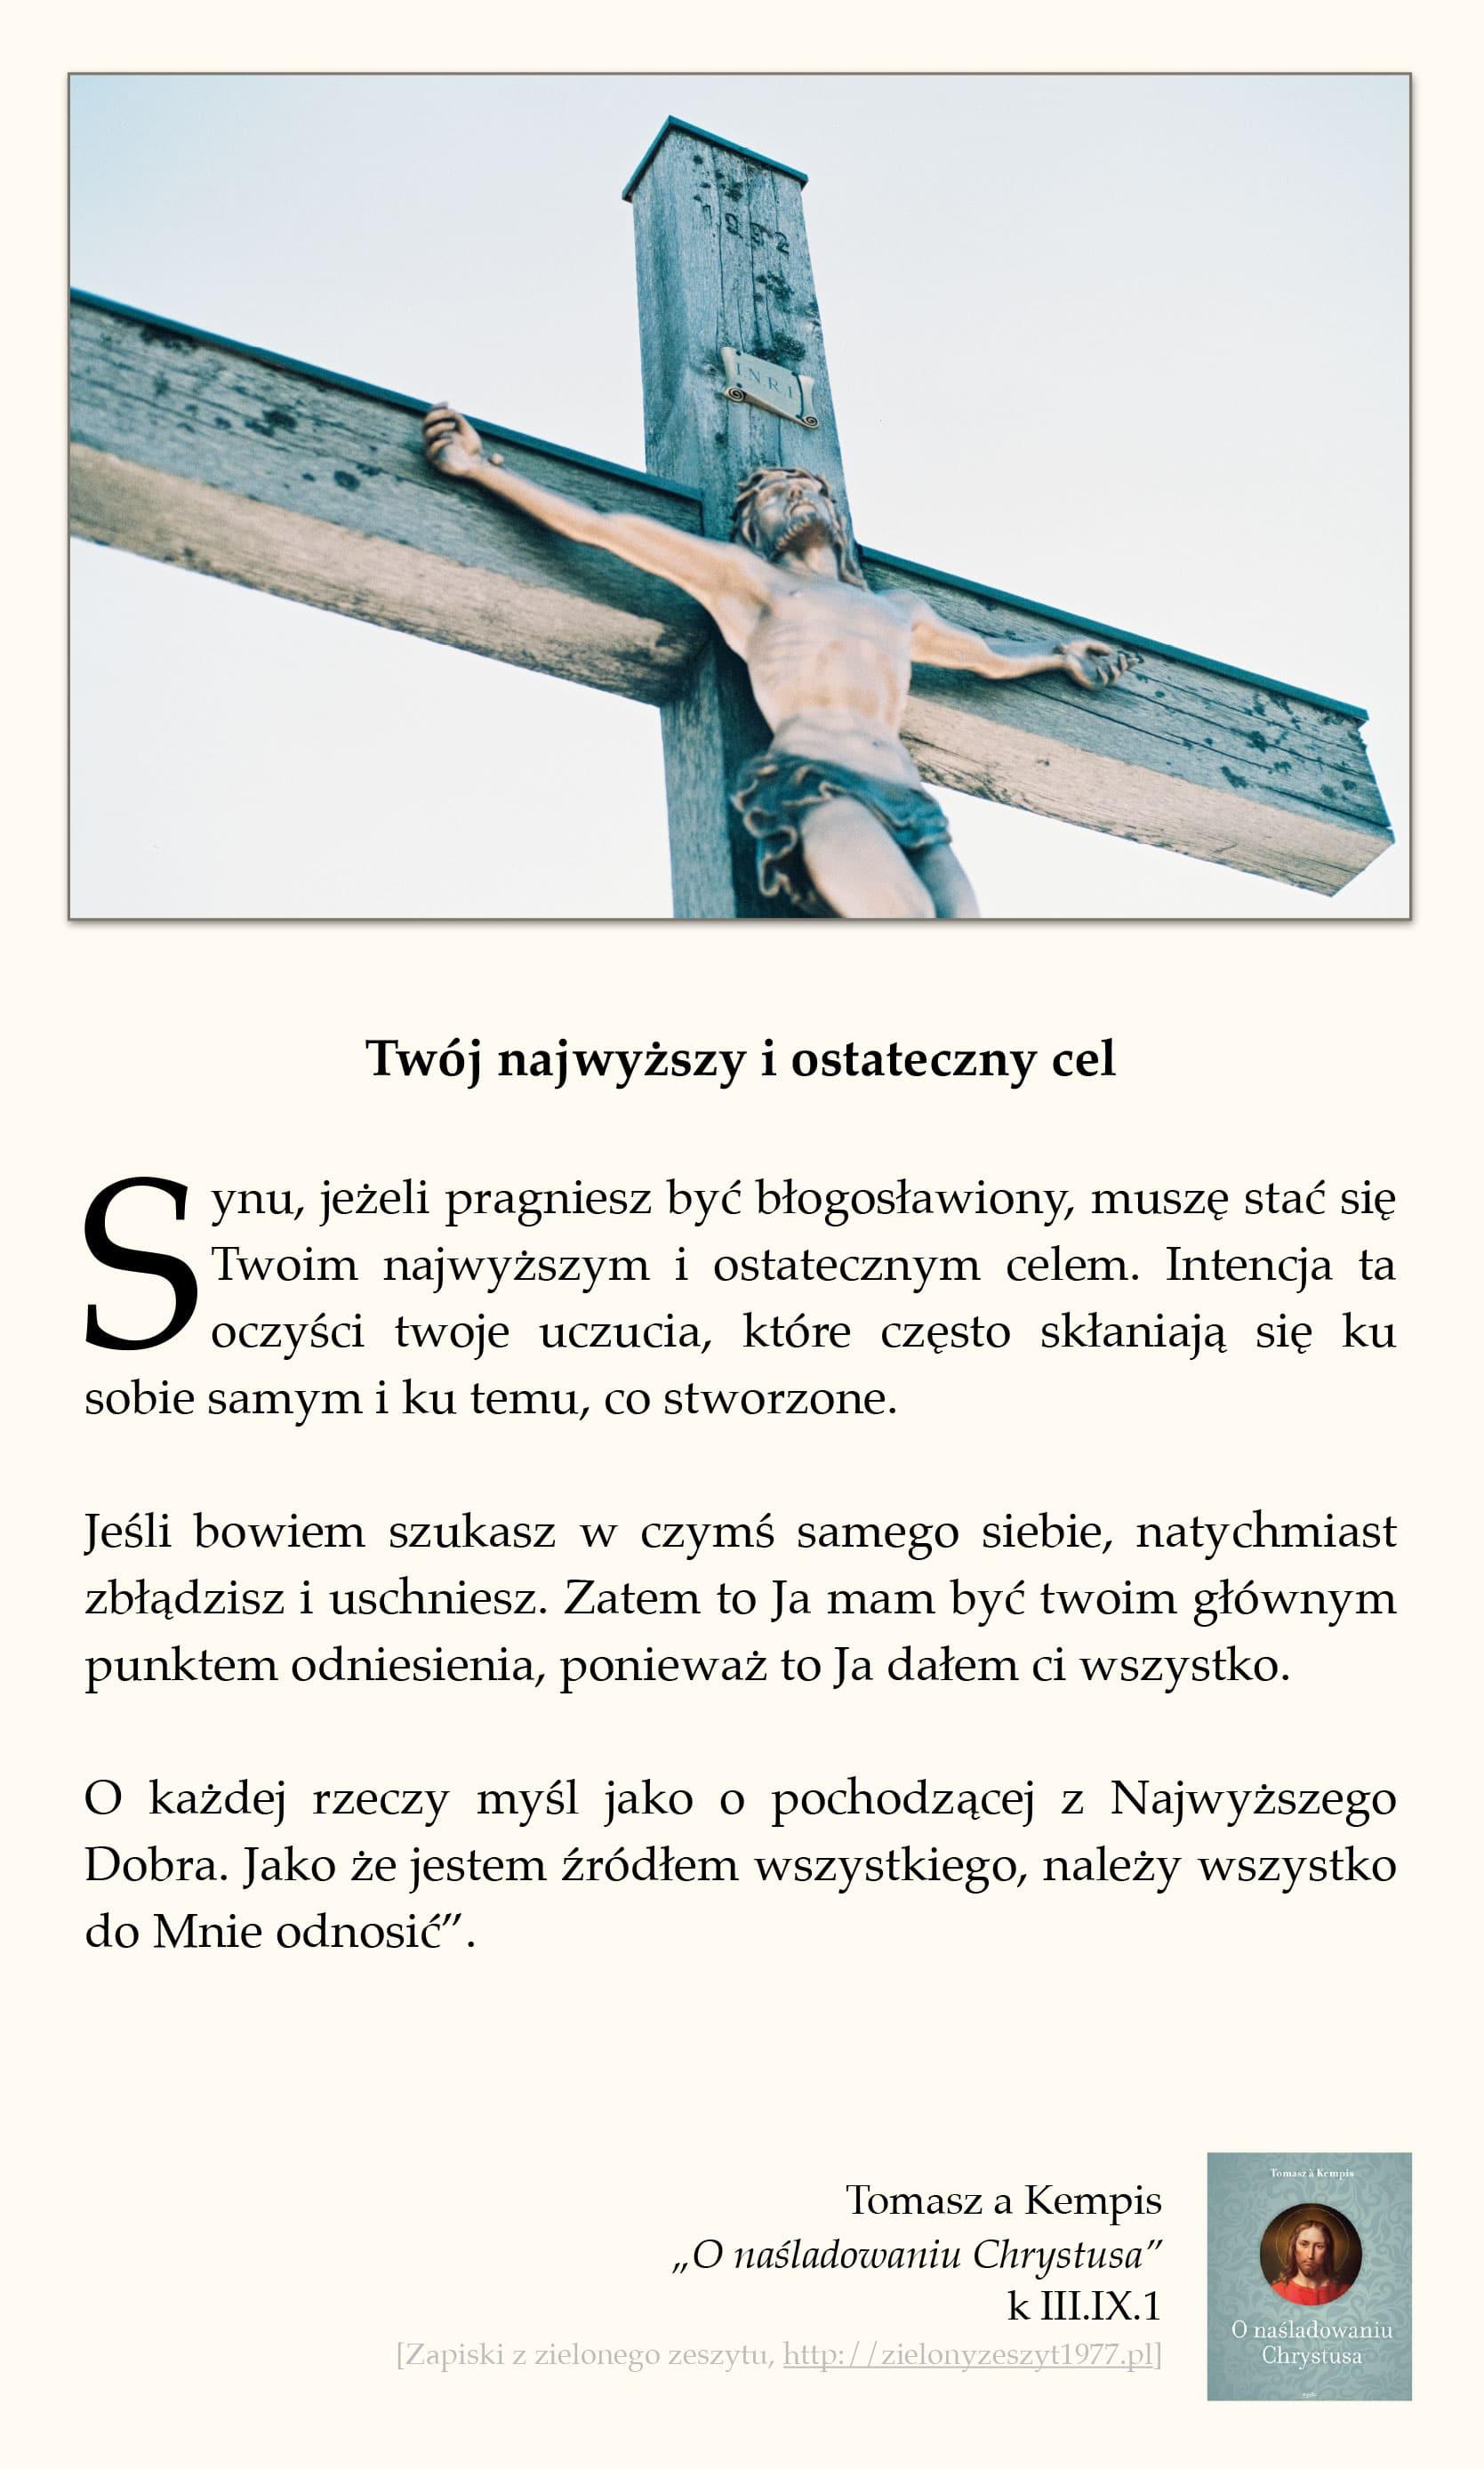 """Tomasz a Kempis, """"O naśladowaniu Chrystusa"""", k III.IX.1 (Twój najwyższy i ostateczny cel)"""